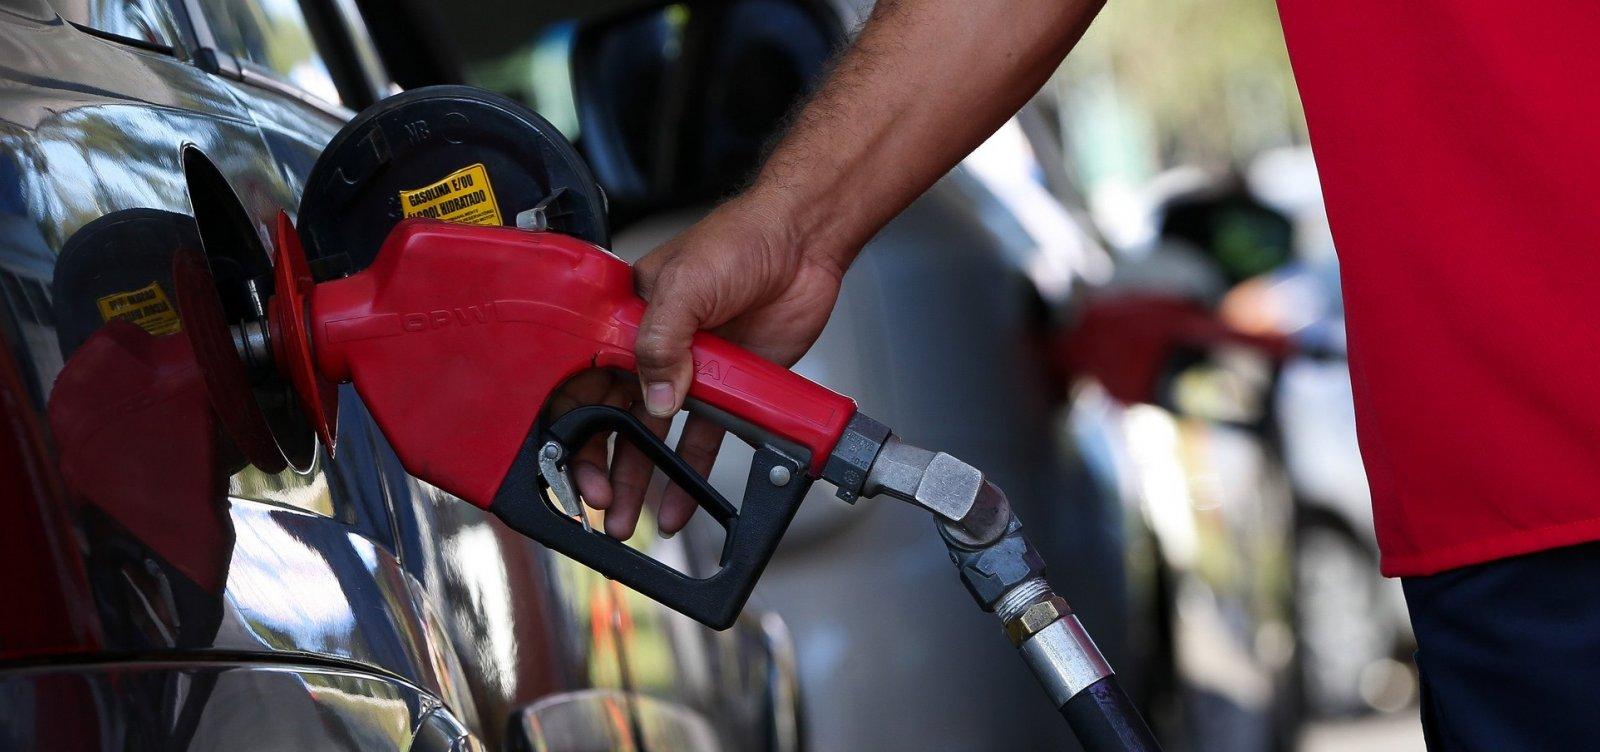 [Decreto regula redução gradual de subsídio ao diesel]